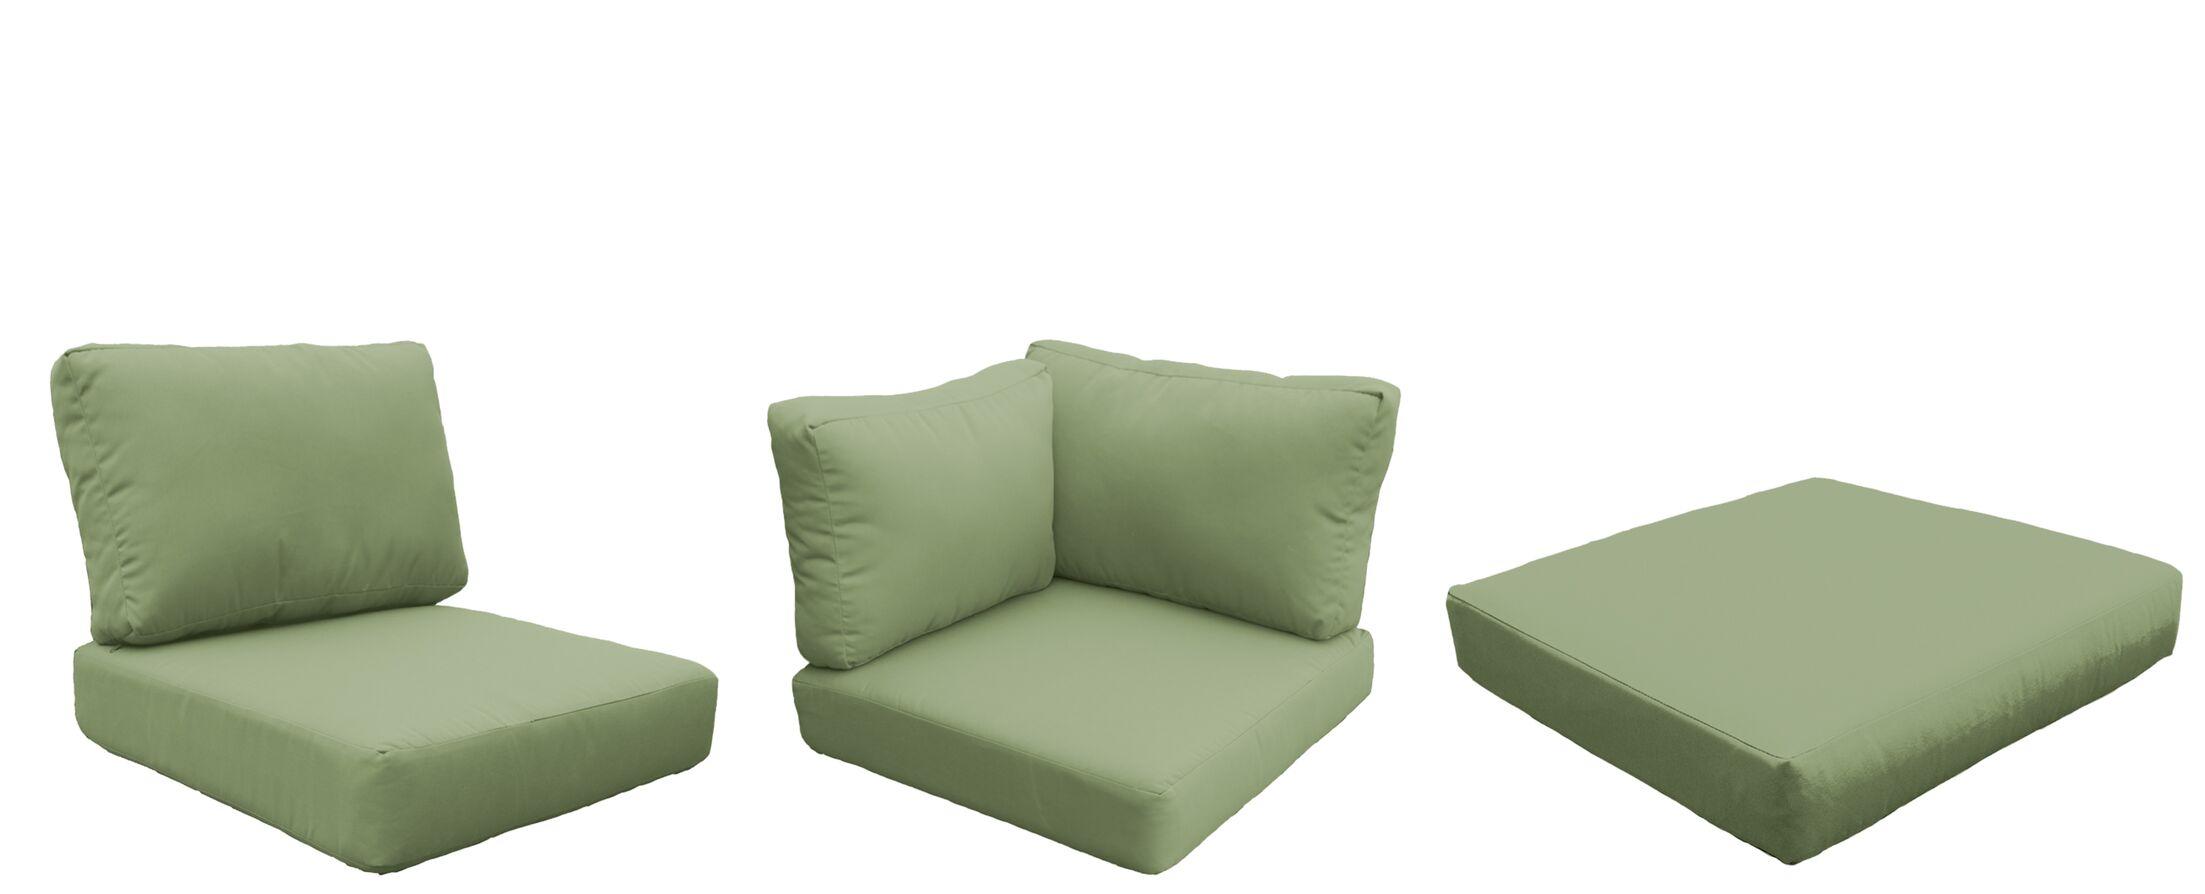 Barbados 21 Piece Outdoor Cushion Set Fabric: Cilantro